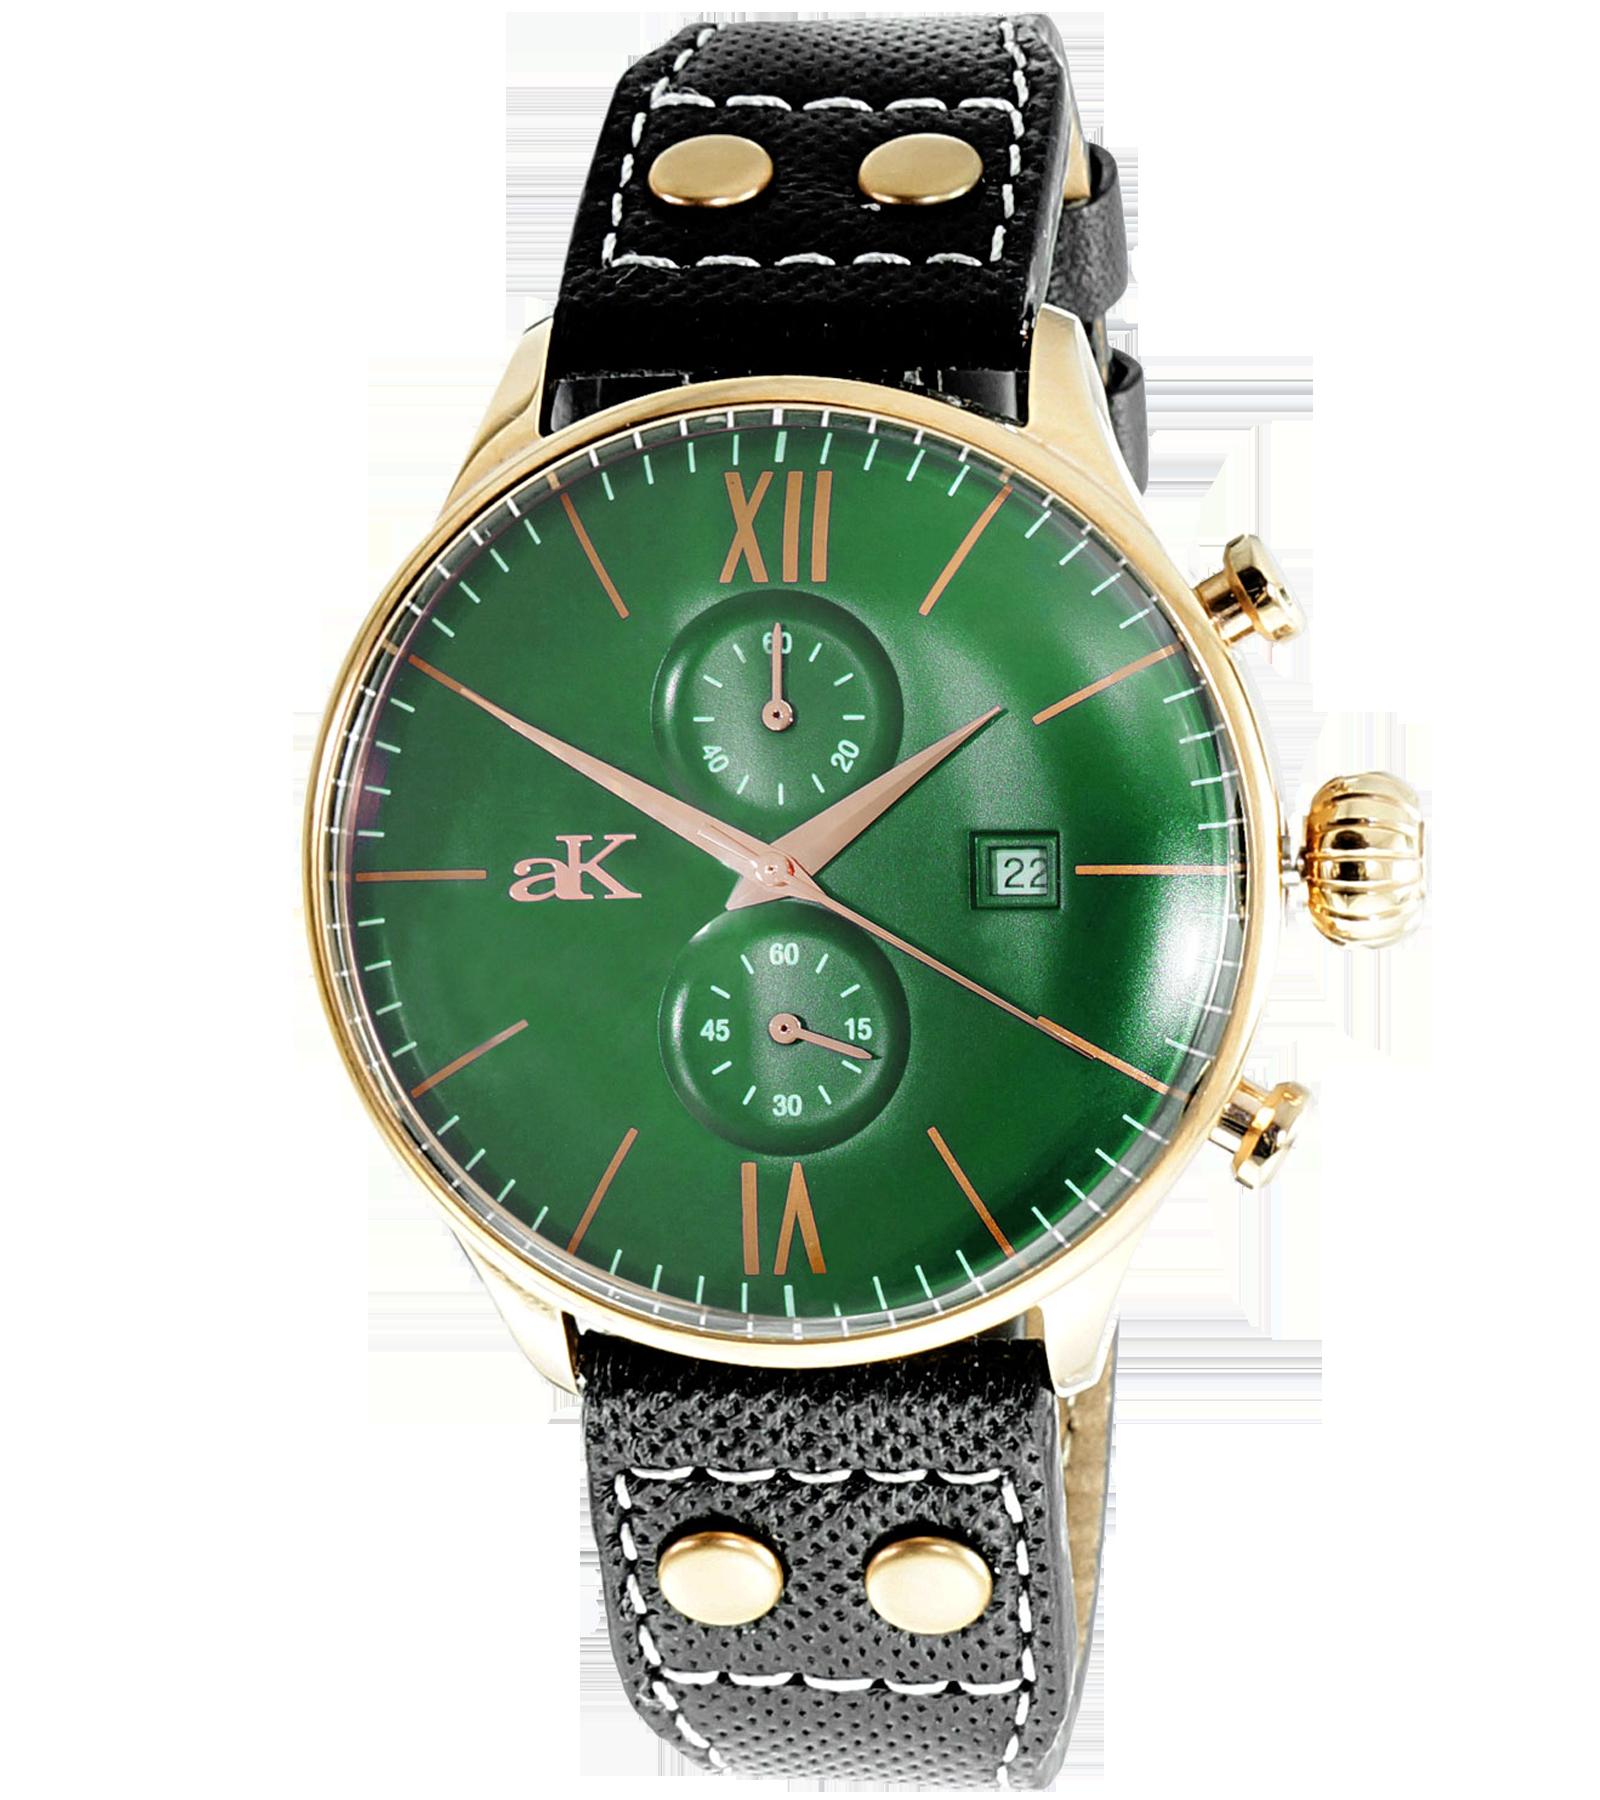 AK2376-MRGN-LBK